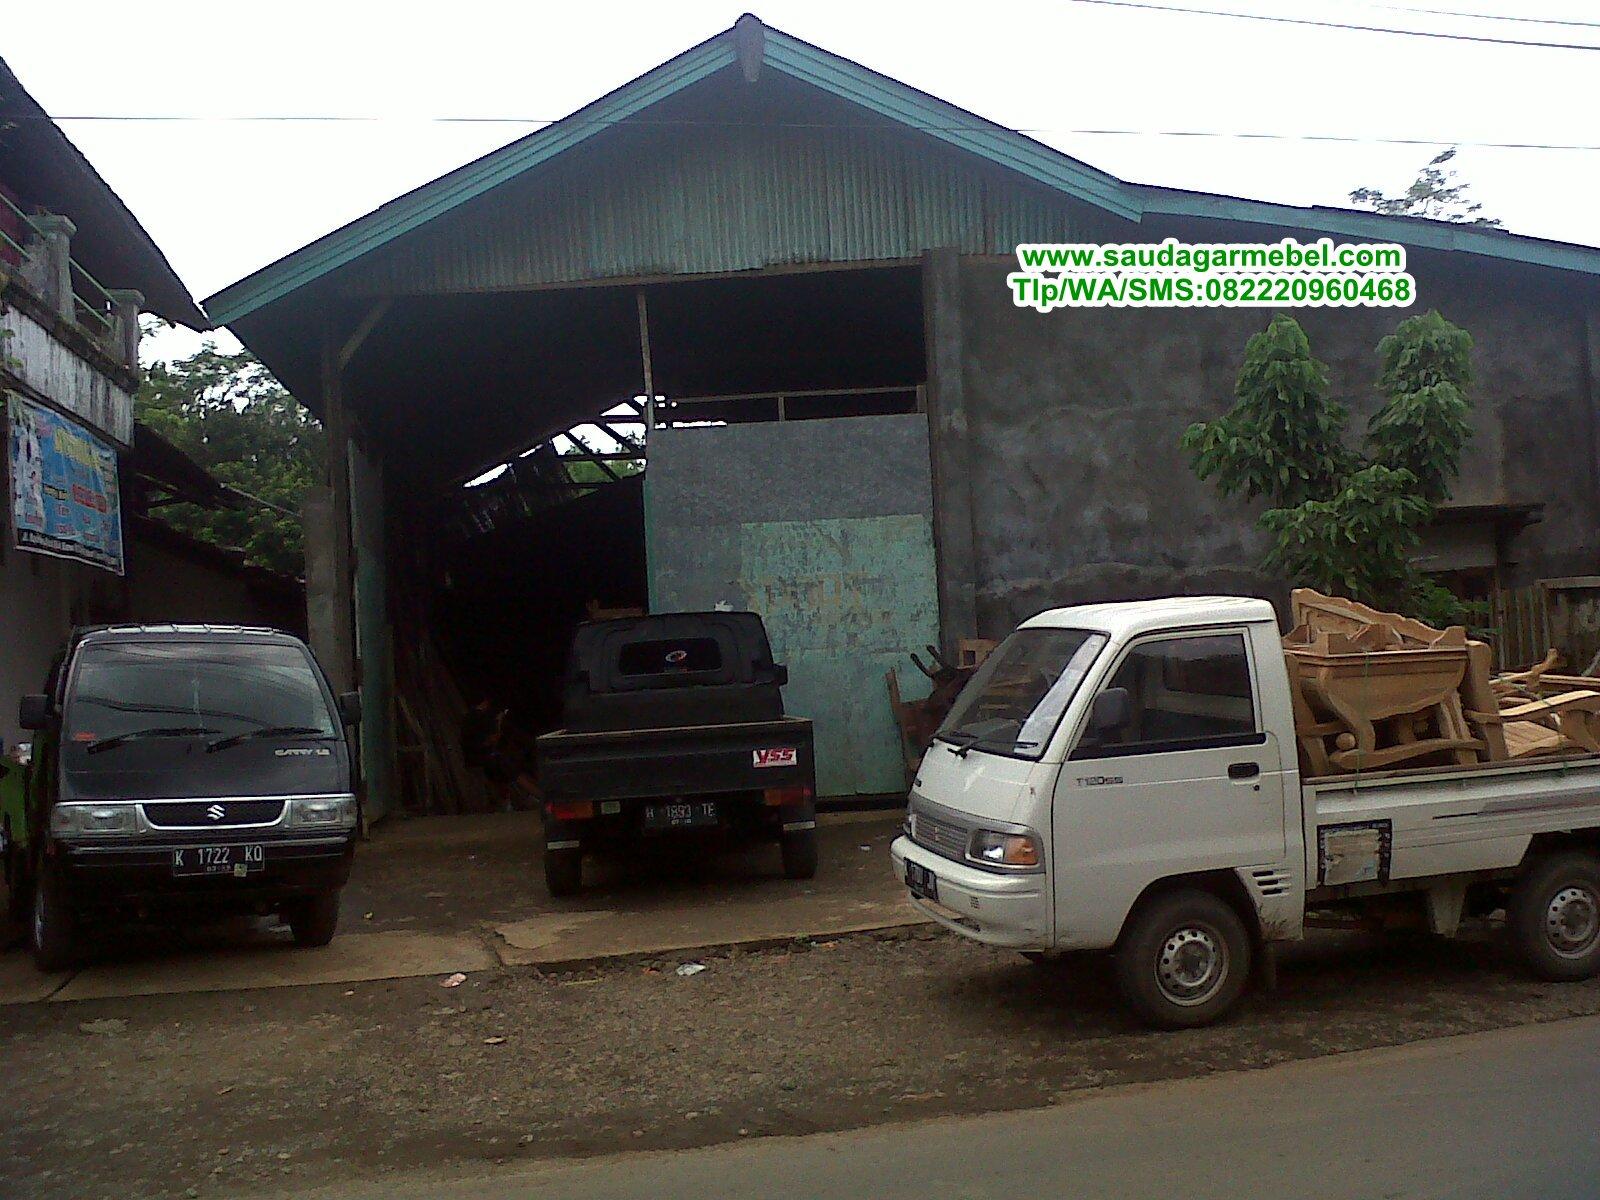 tempat produksi saudagar mebel, gudang saudagar mebel, gudan penyimpanan mebel jepara